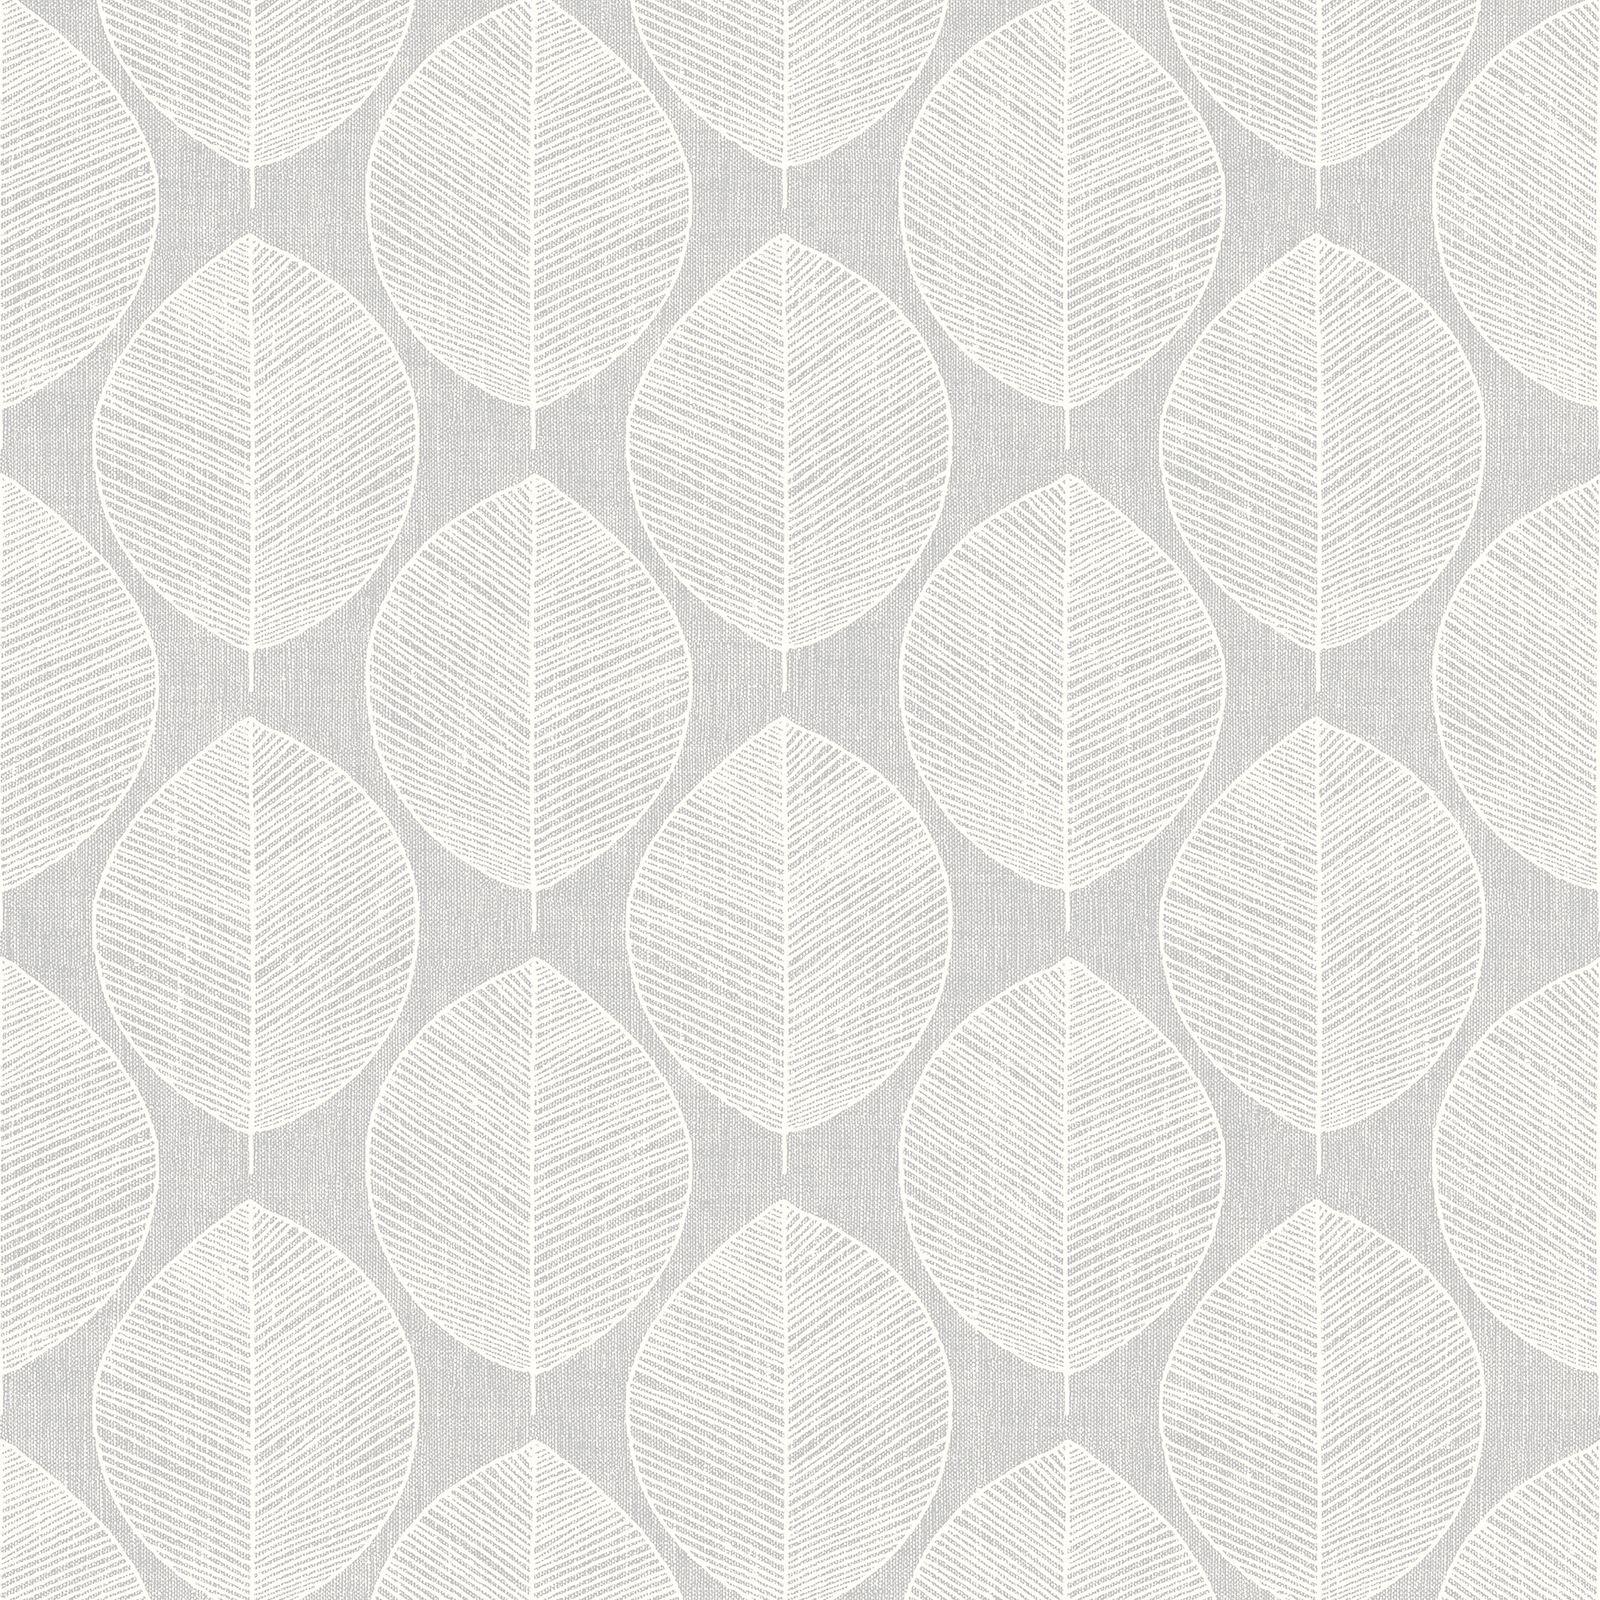 Arthouse Feuille Triangle Treillage Papier Peint Geometrique Lin